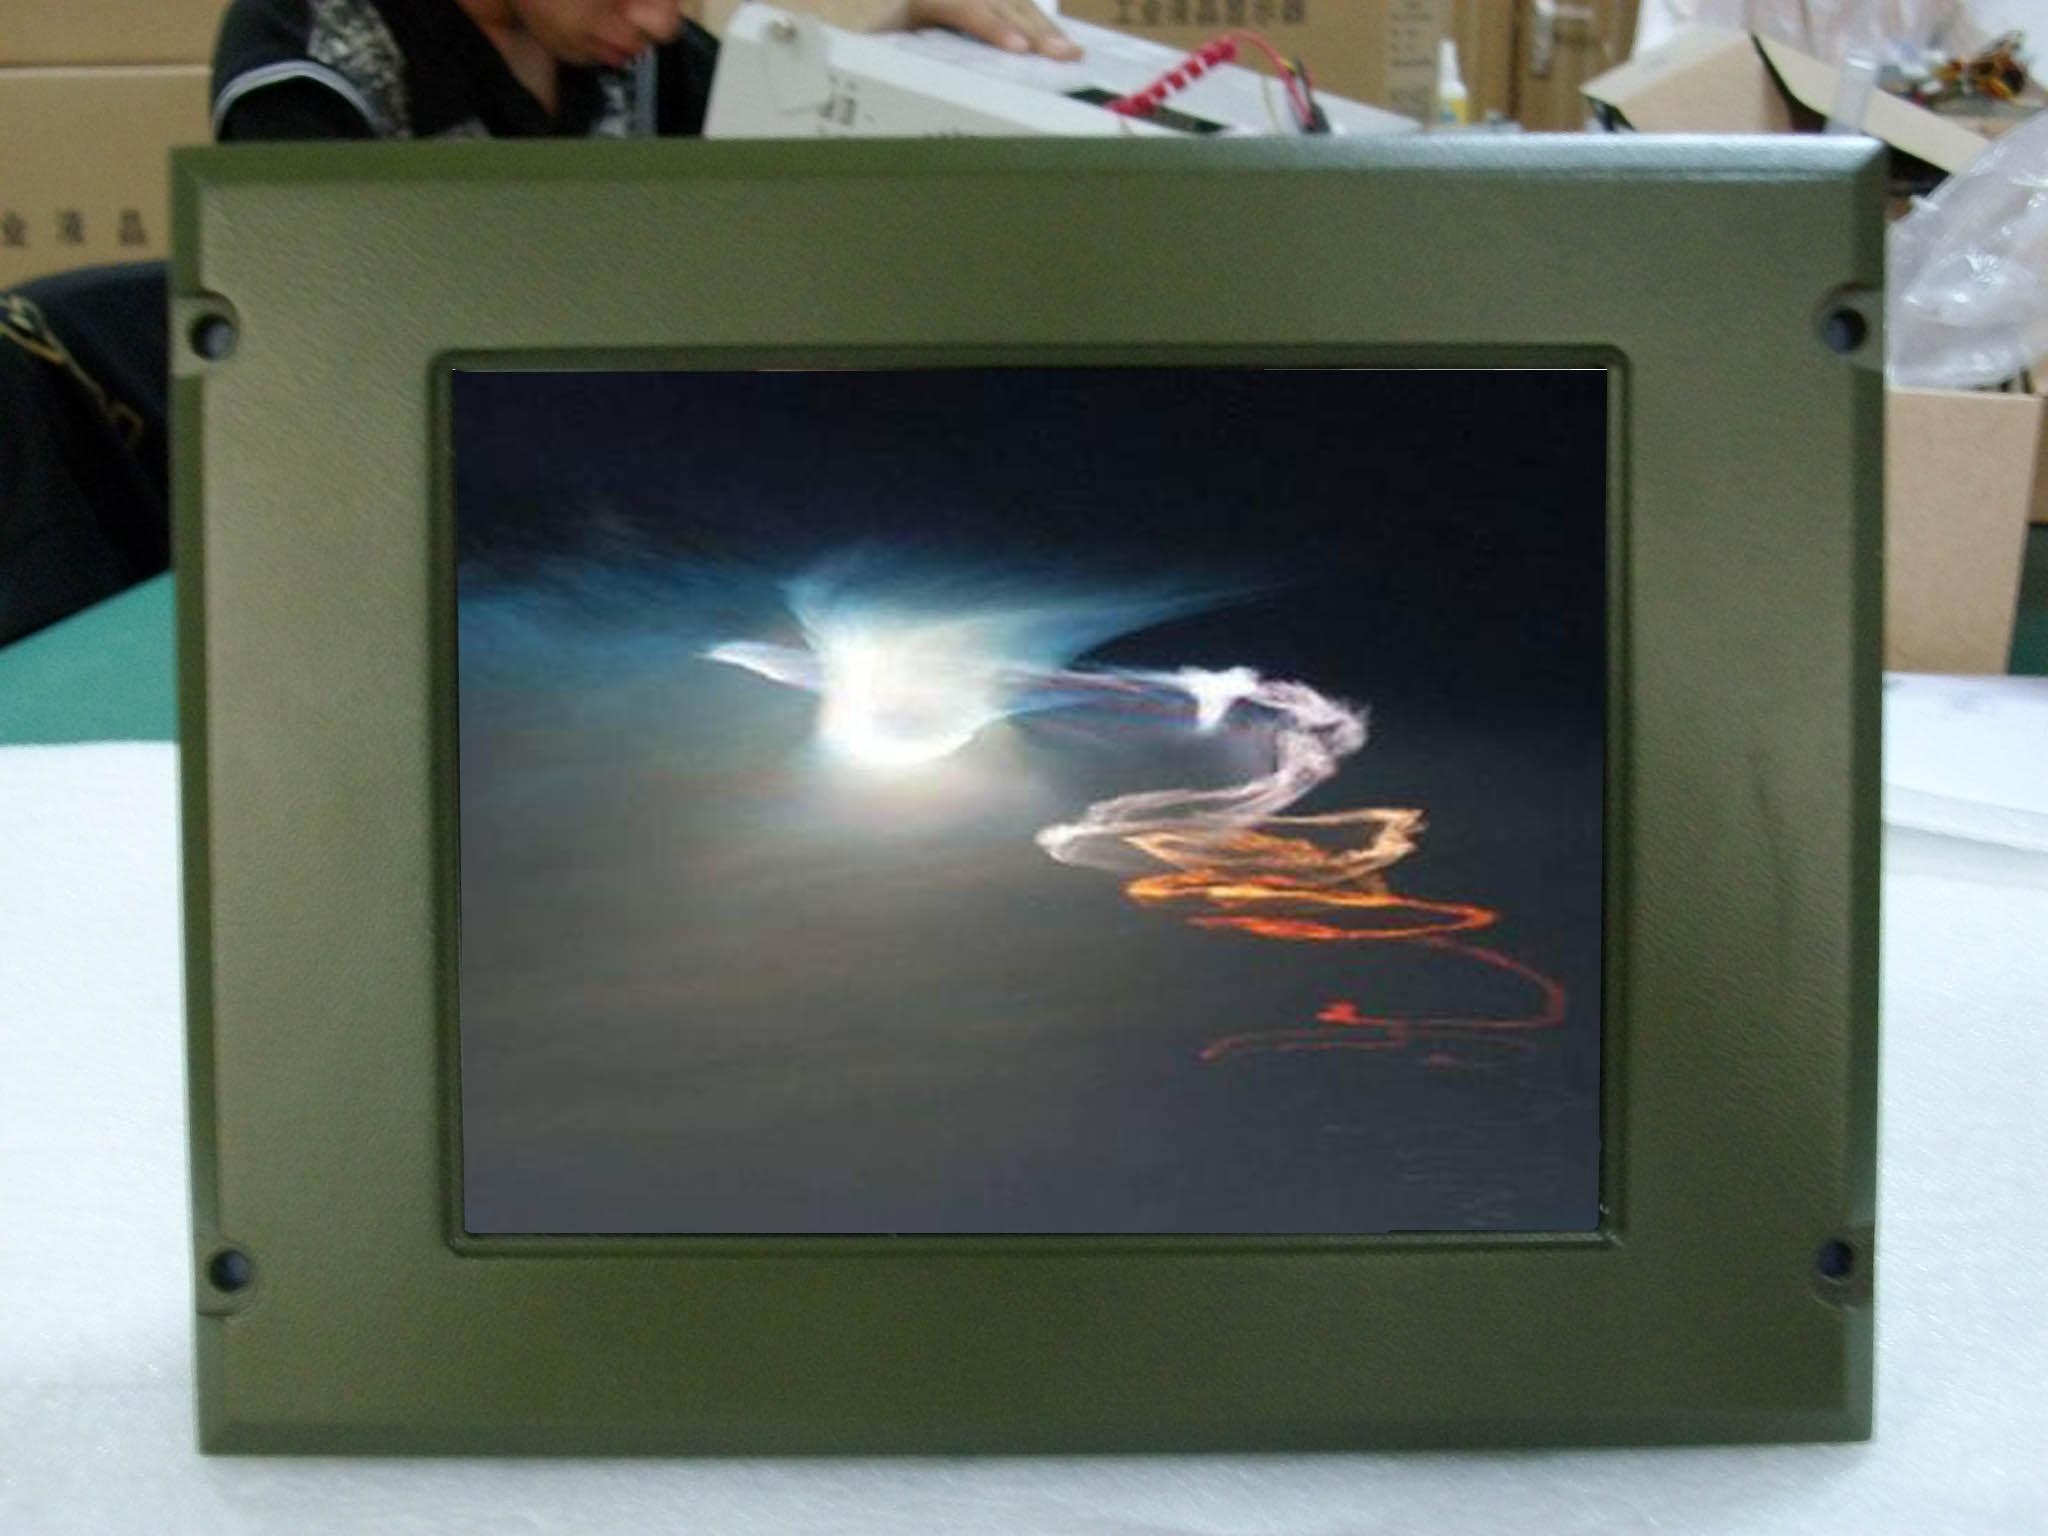 正阳瑞驰     朗固舰载显控终端  6.5寸加固显示器